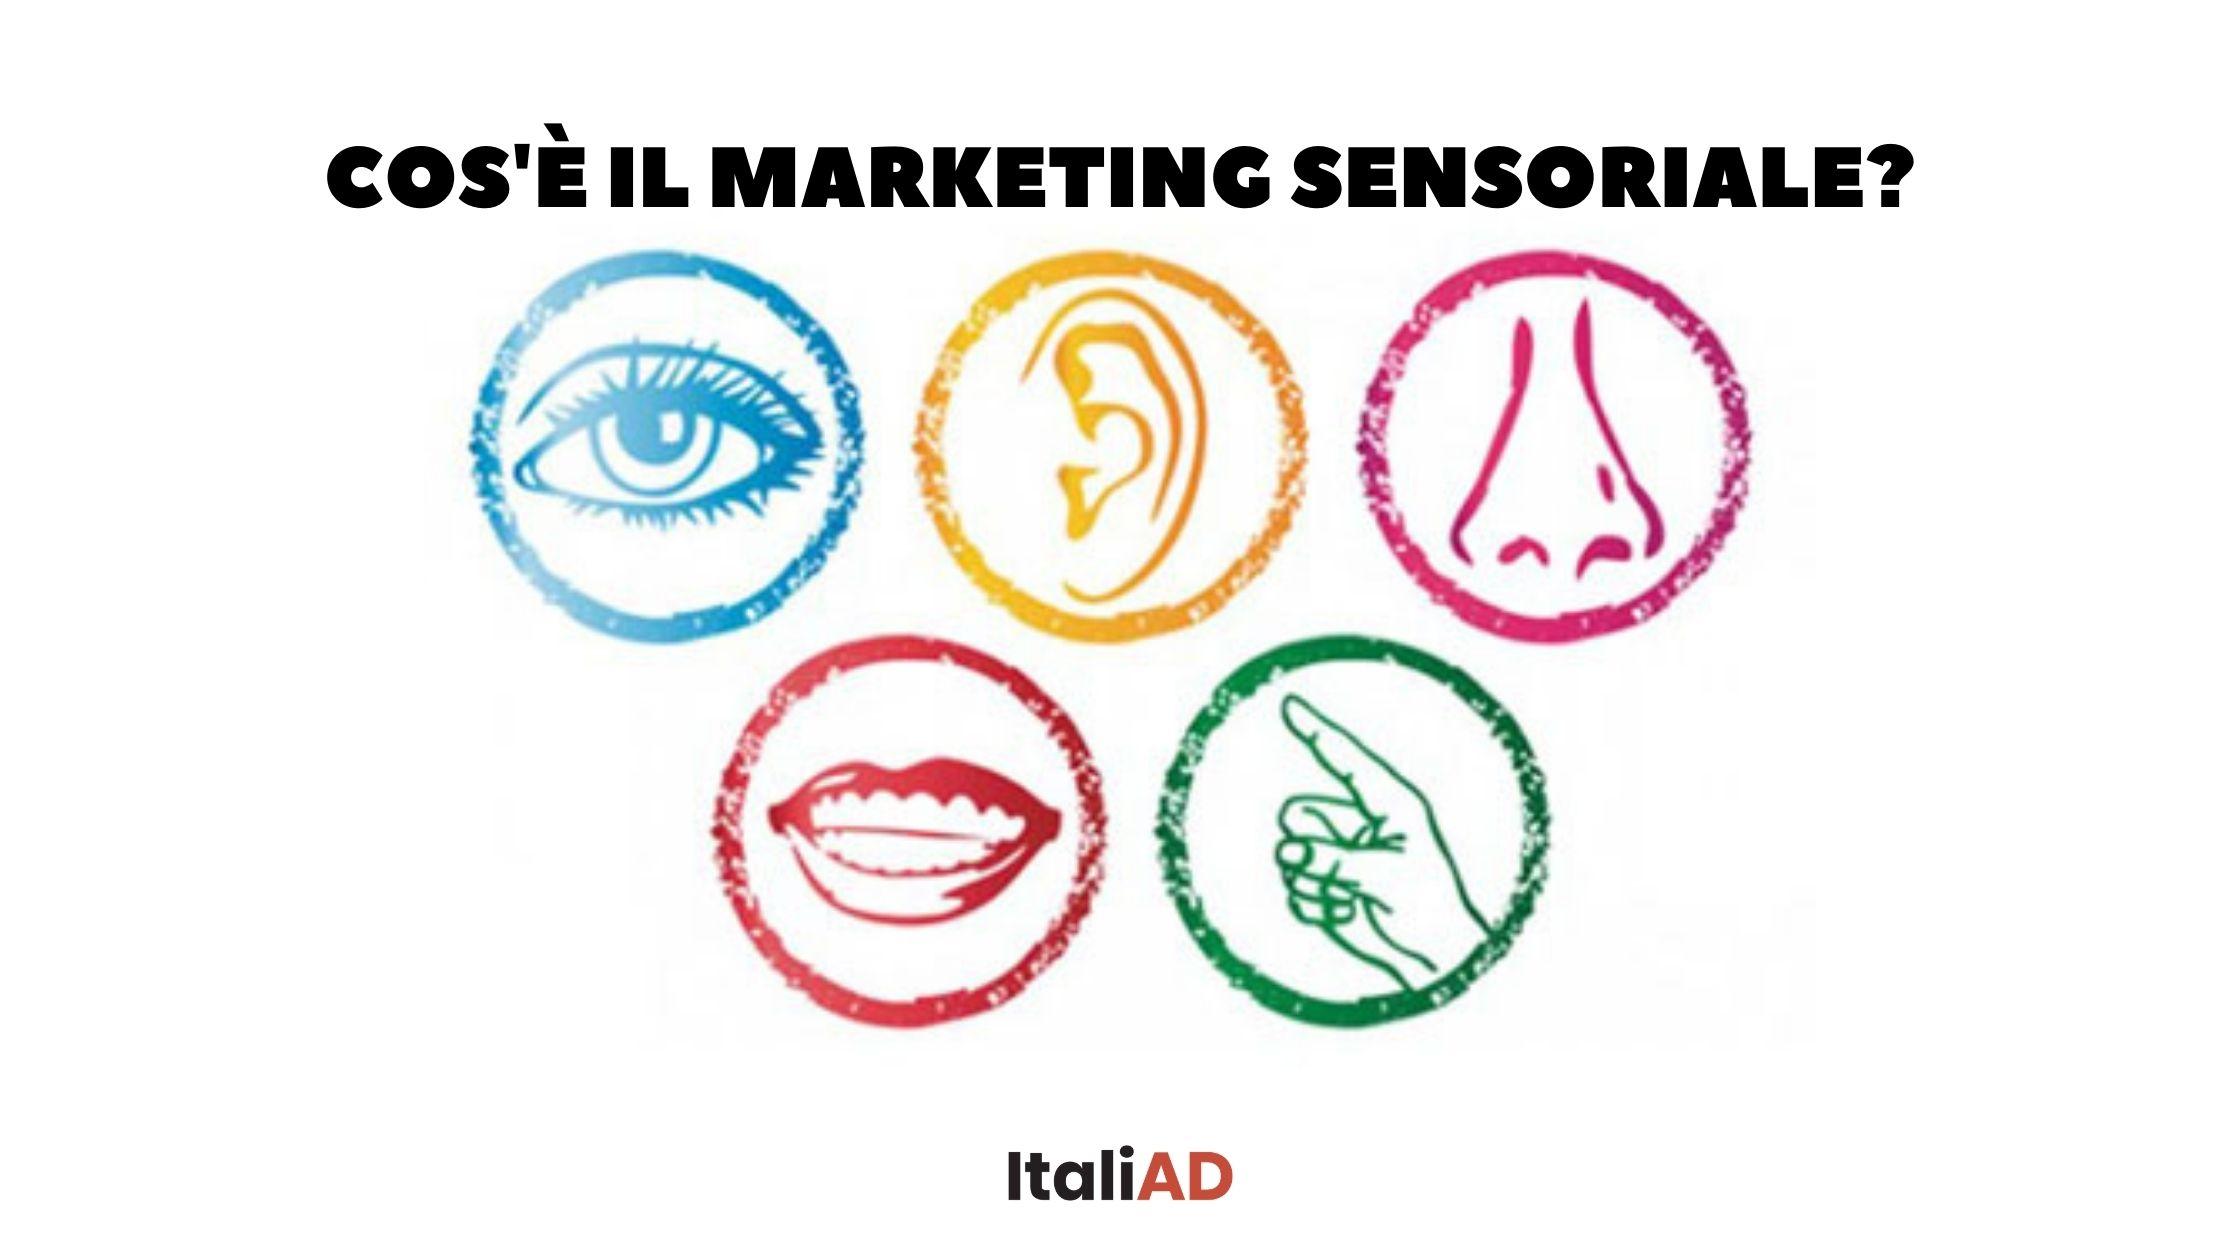 Cos'è il marketing sensoriale?